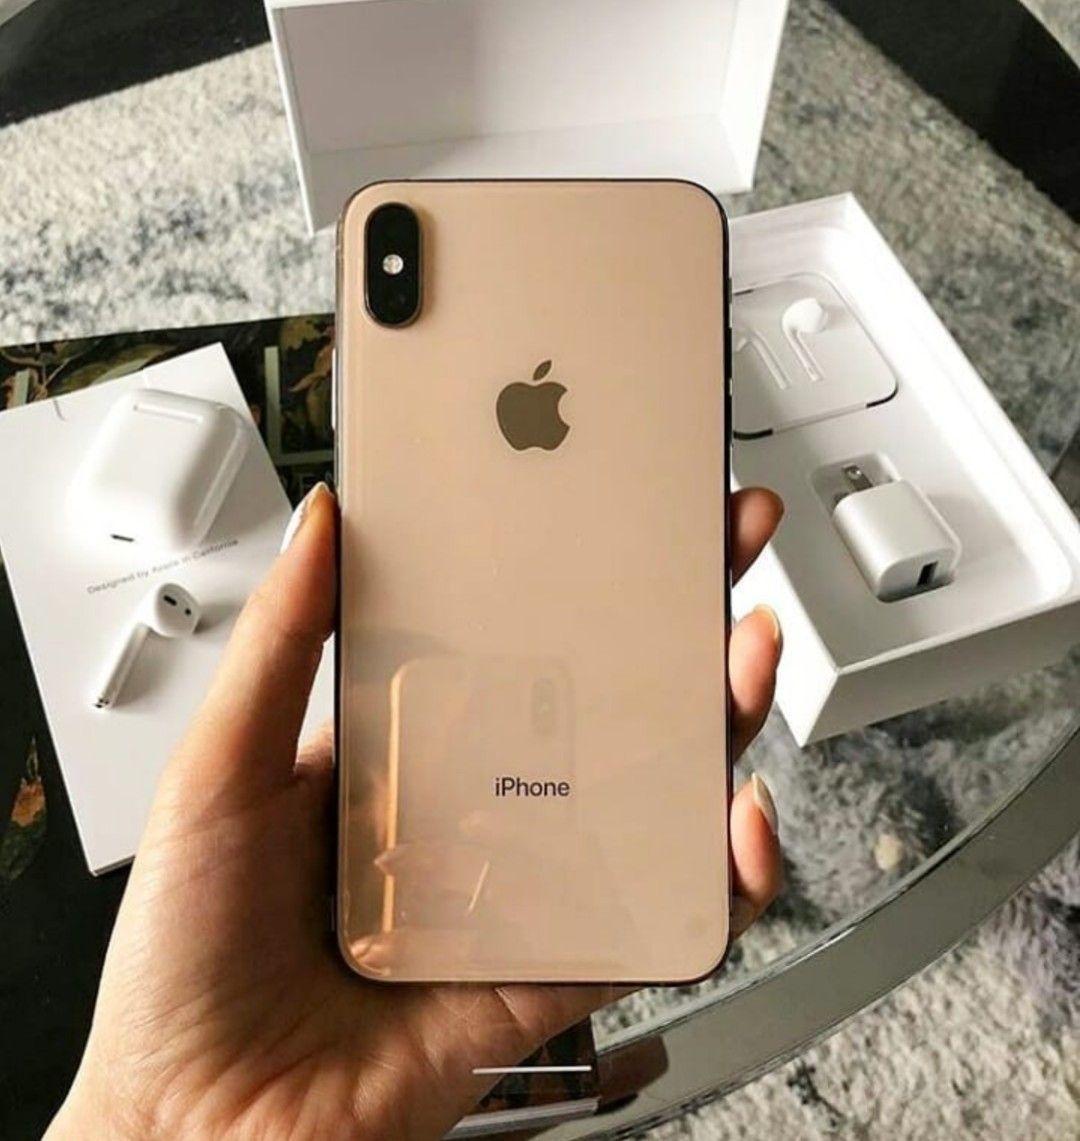 Iphone Iphonexr Iphonexsmax Iphonexs Apple Acessórios Iphone Conserto De Iphone Celulares Iphone